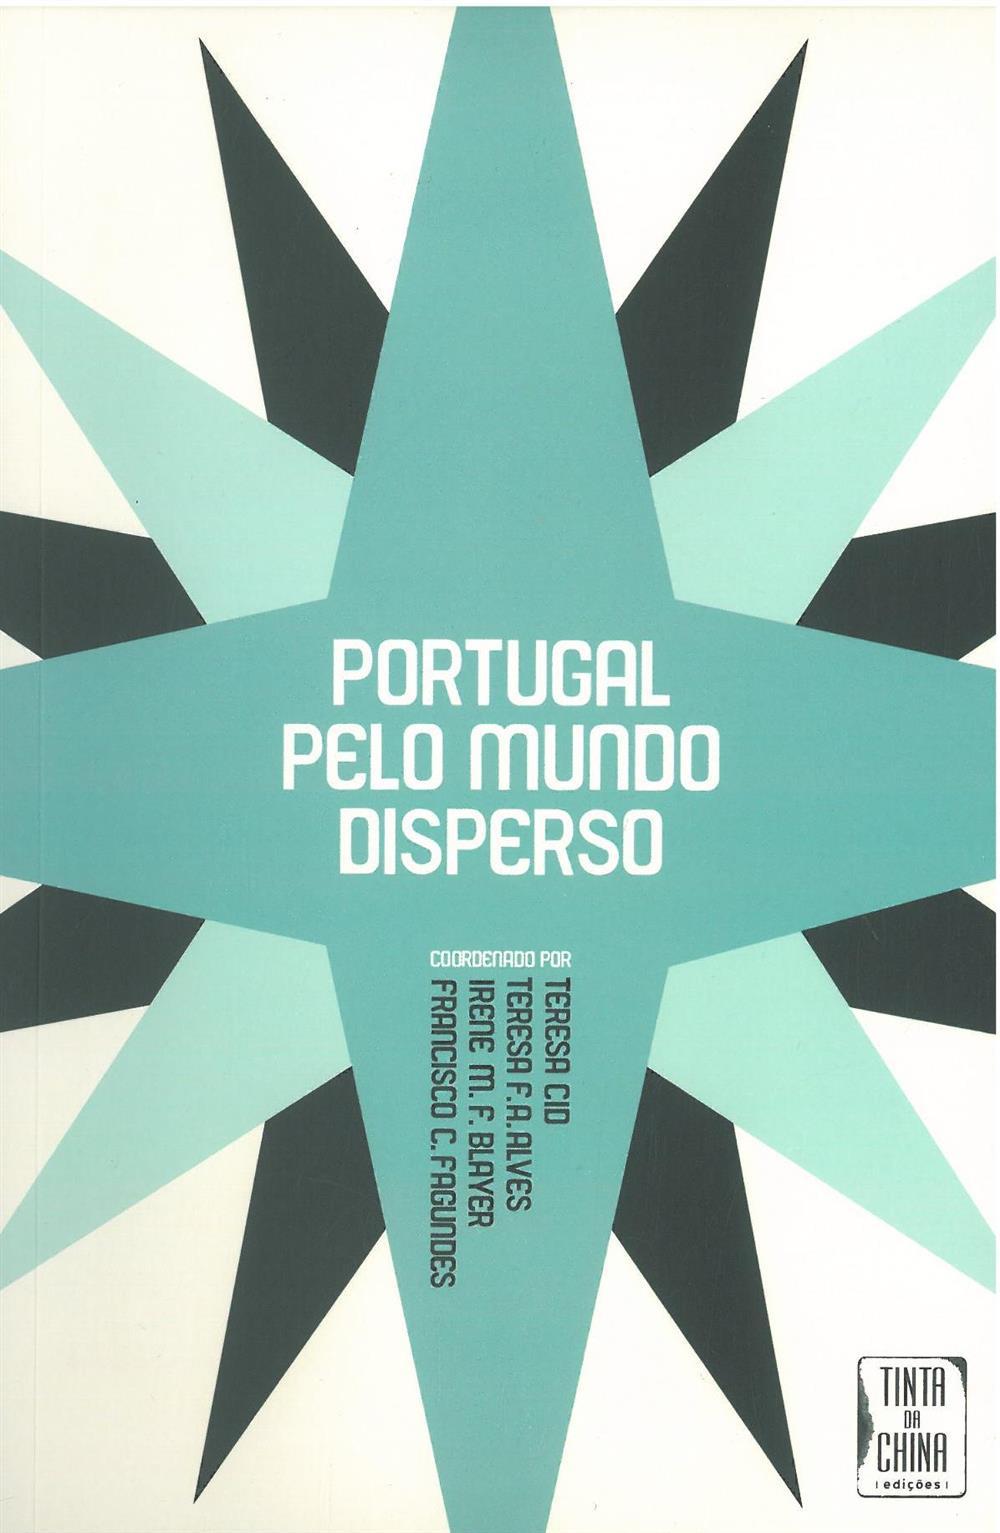 Portugal pelo mundo disperso.jpg